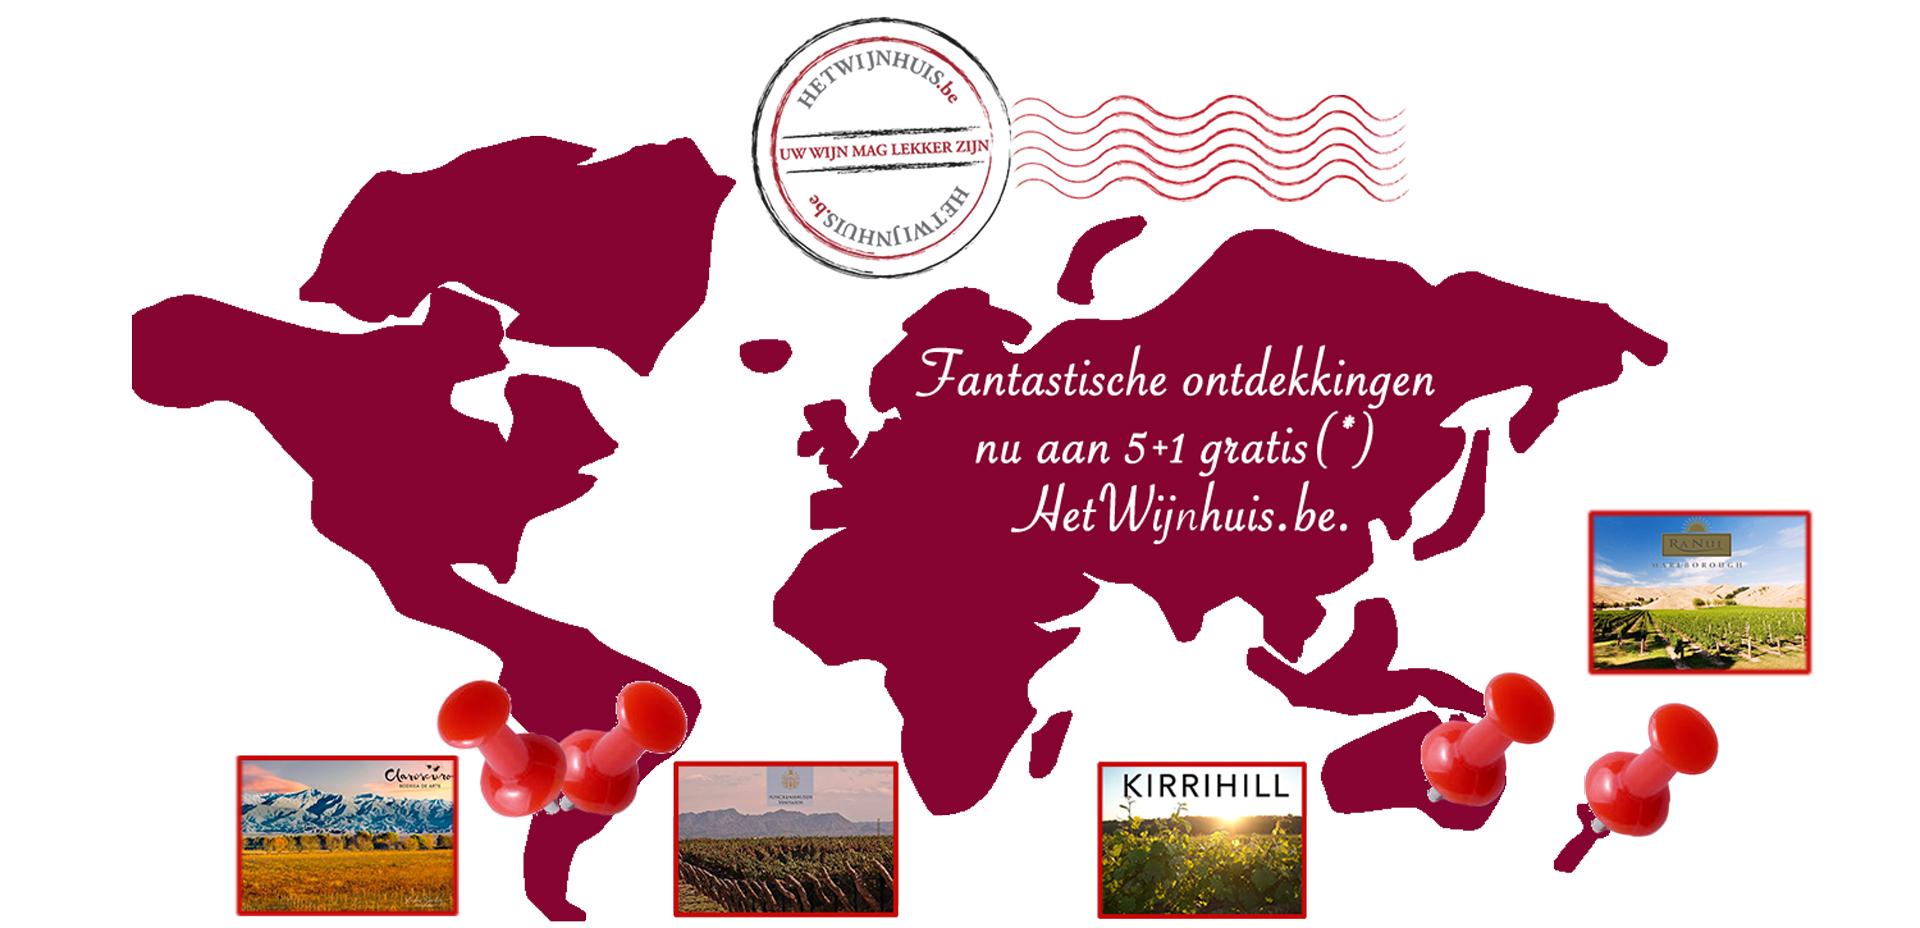 Promo 5+1 gratis Argentinië Australië Nieuw-Zeeland wijn